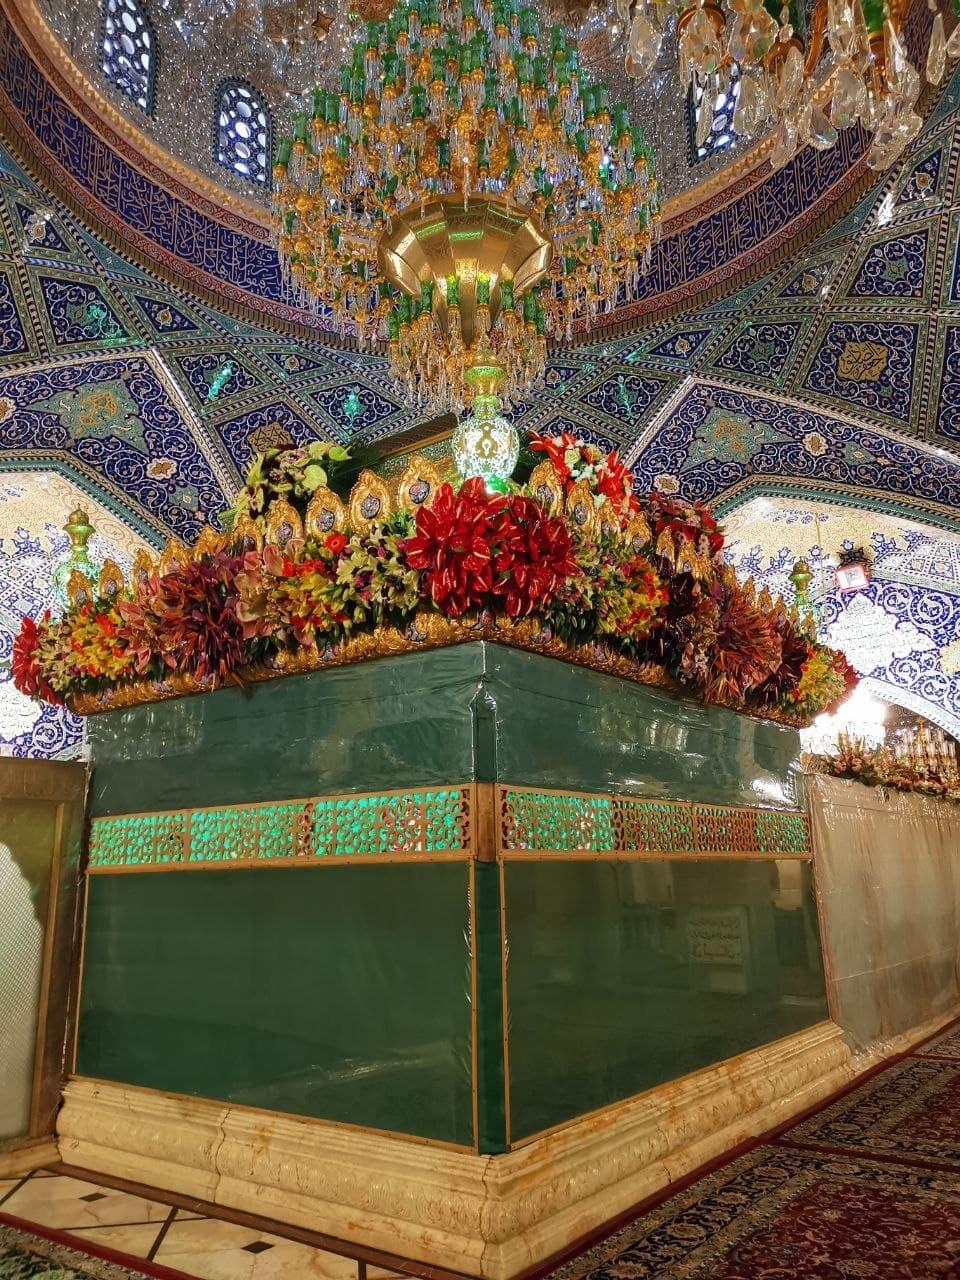 گل آرایی حرم حضرت زینب (س) در آستانه میلاد عقیله بنی هاشم